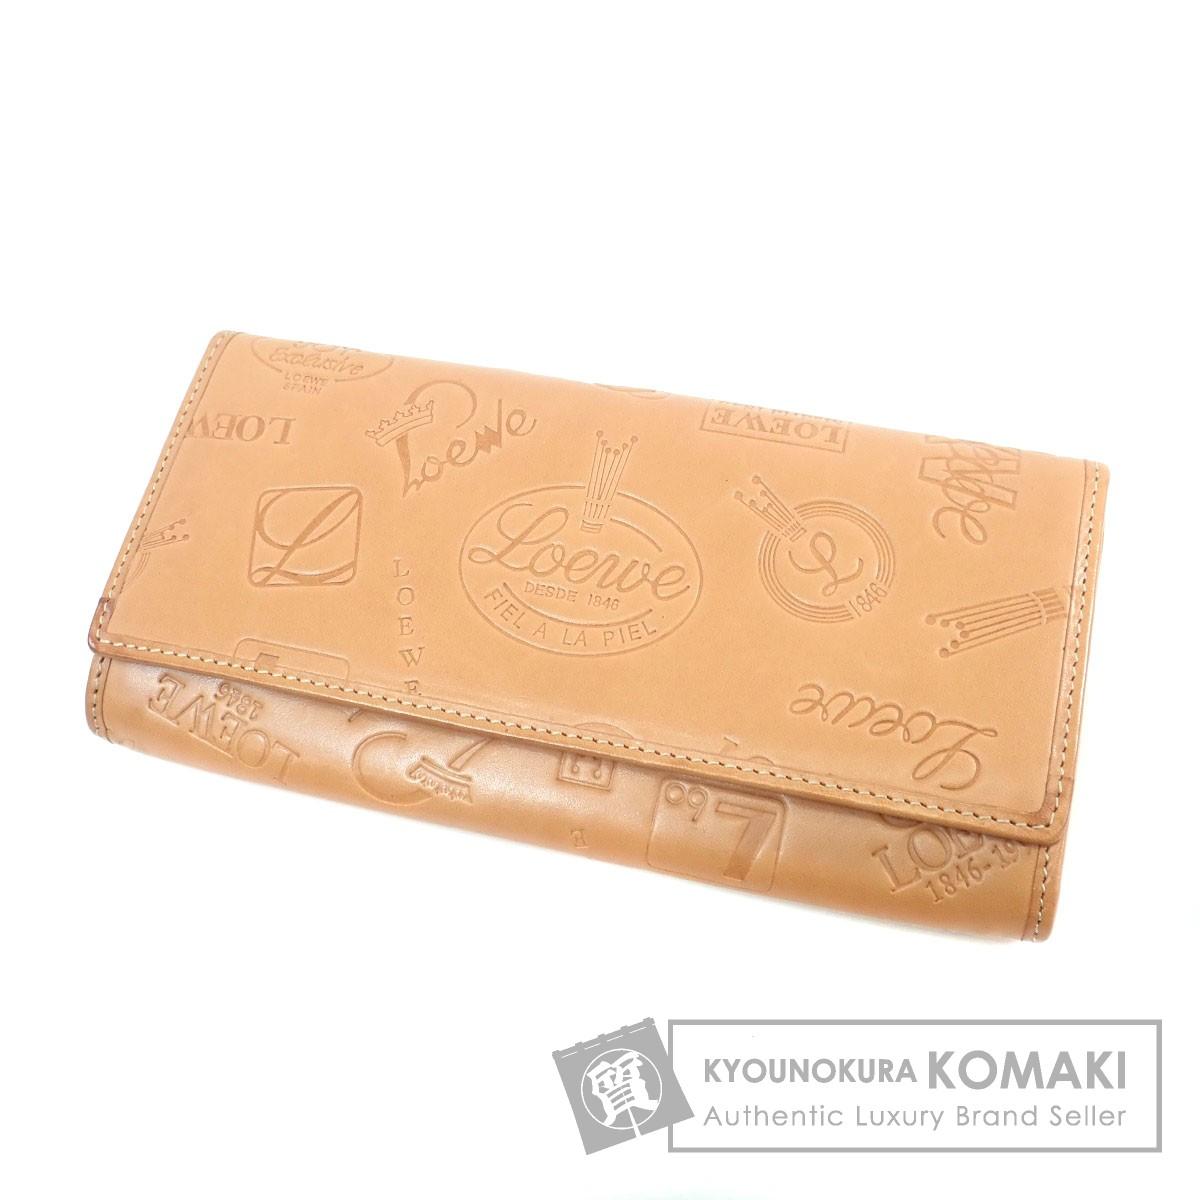 LOEWE ロゴモチーフ 長財布(小銭入れあり) レザー レディース 【中古】【ロエベ】